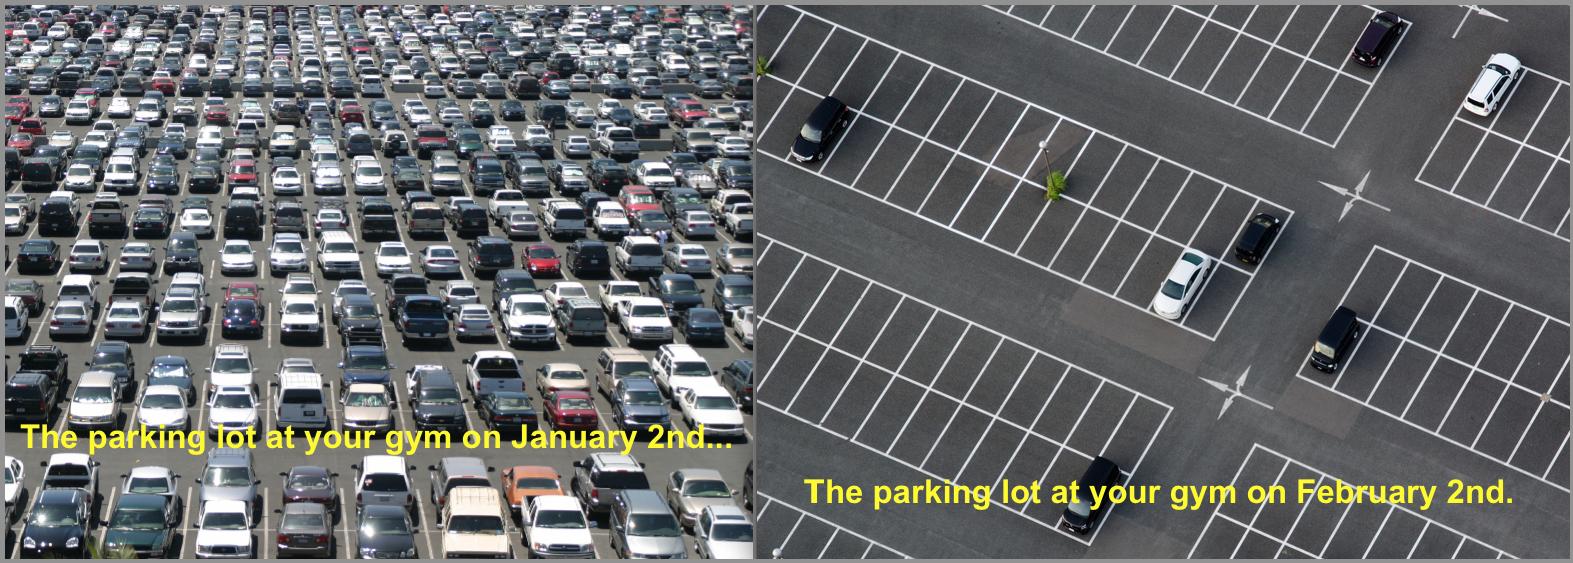 Parking-lot-comparison-FINAL